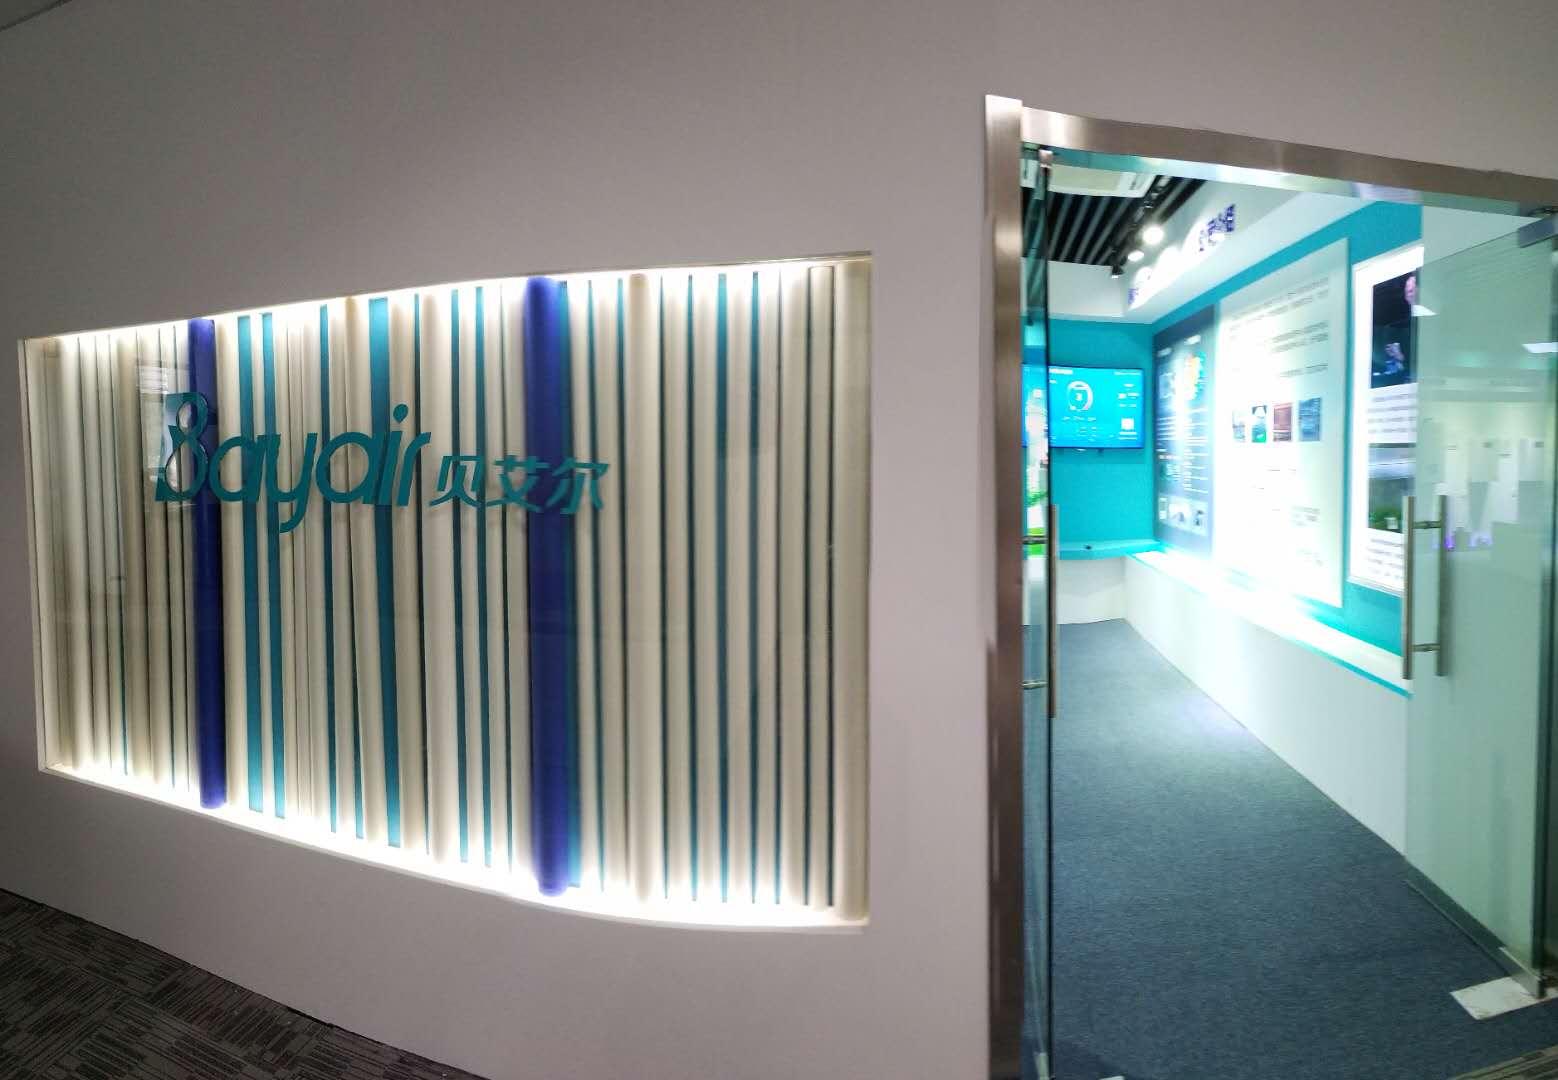 企业资讯  贝艾尔苏州展厅落成,欢迎前来参观